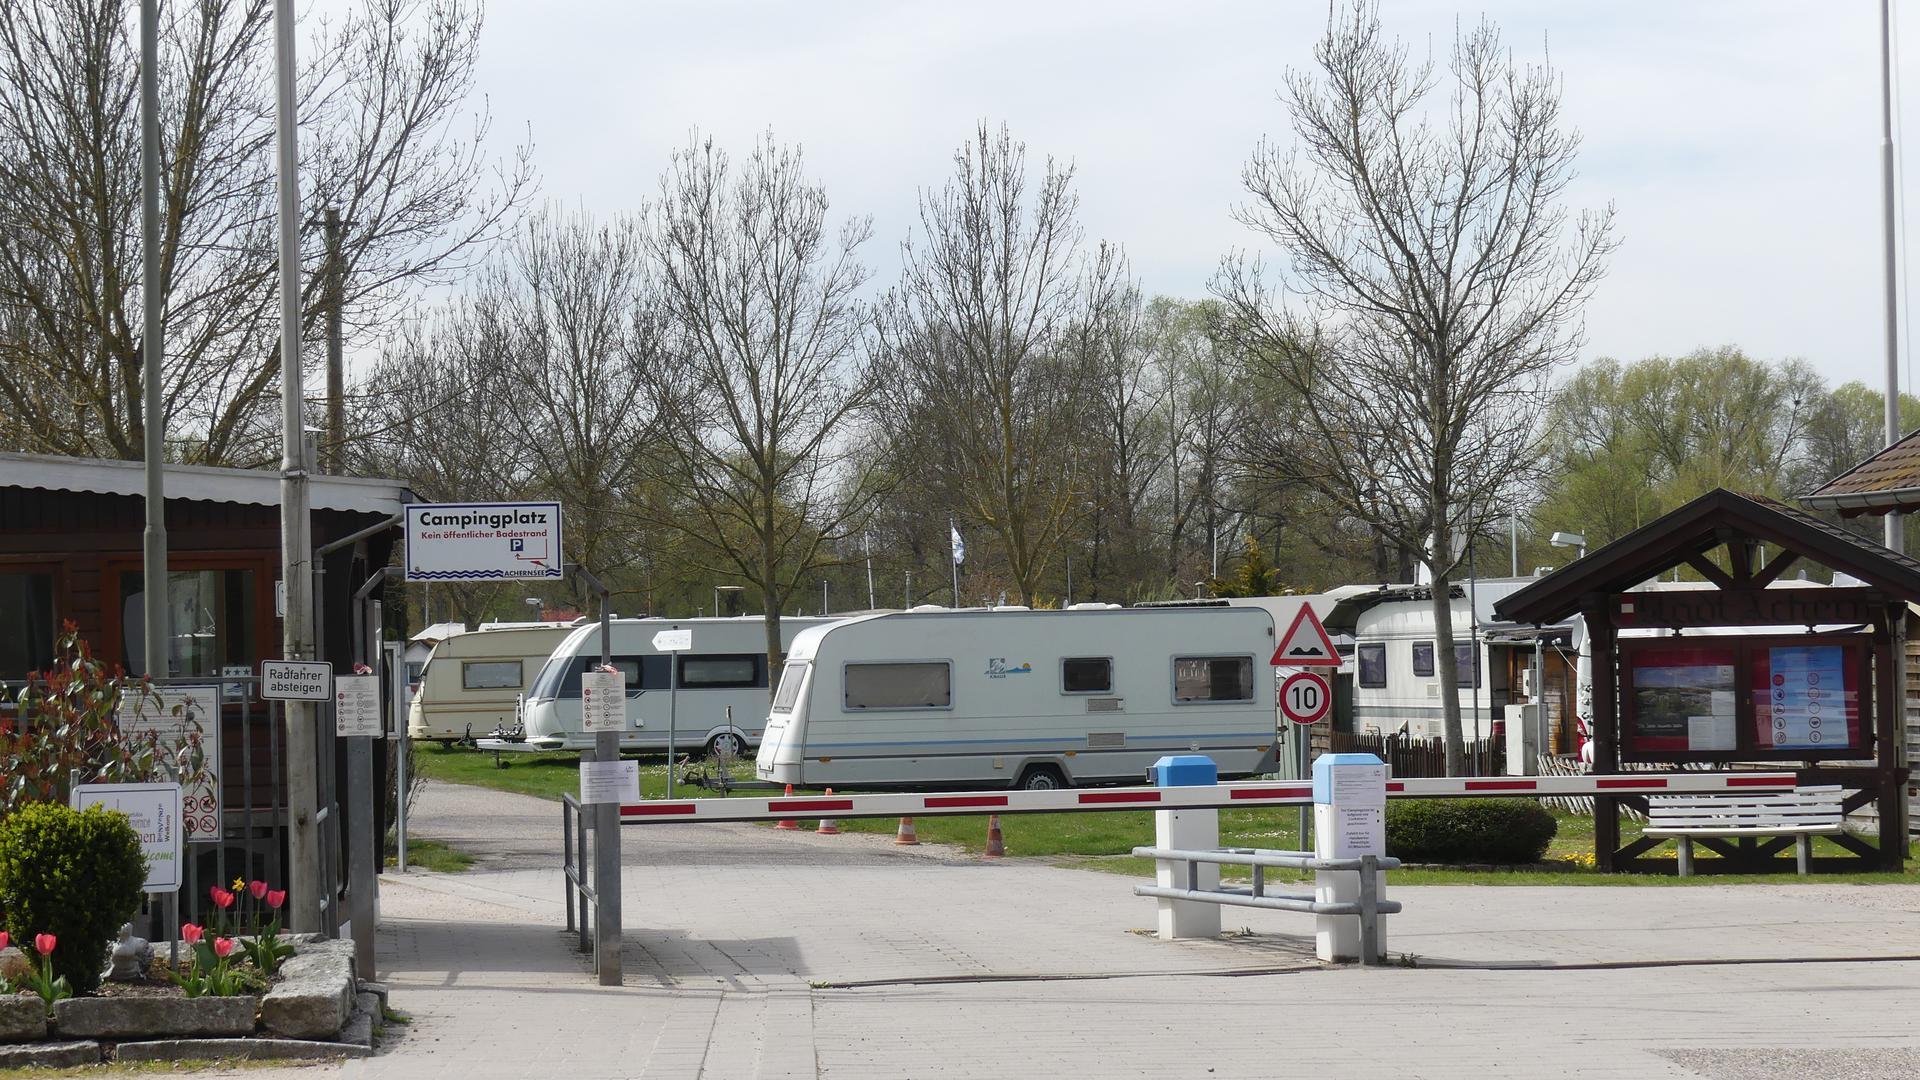 Campingplatz am Achernsee